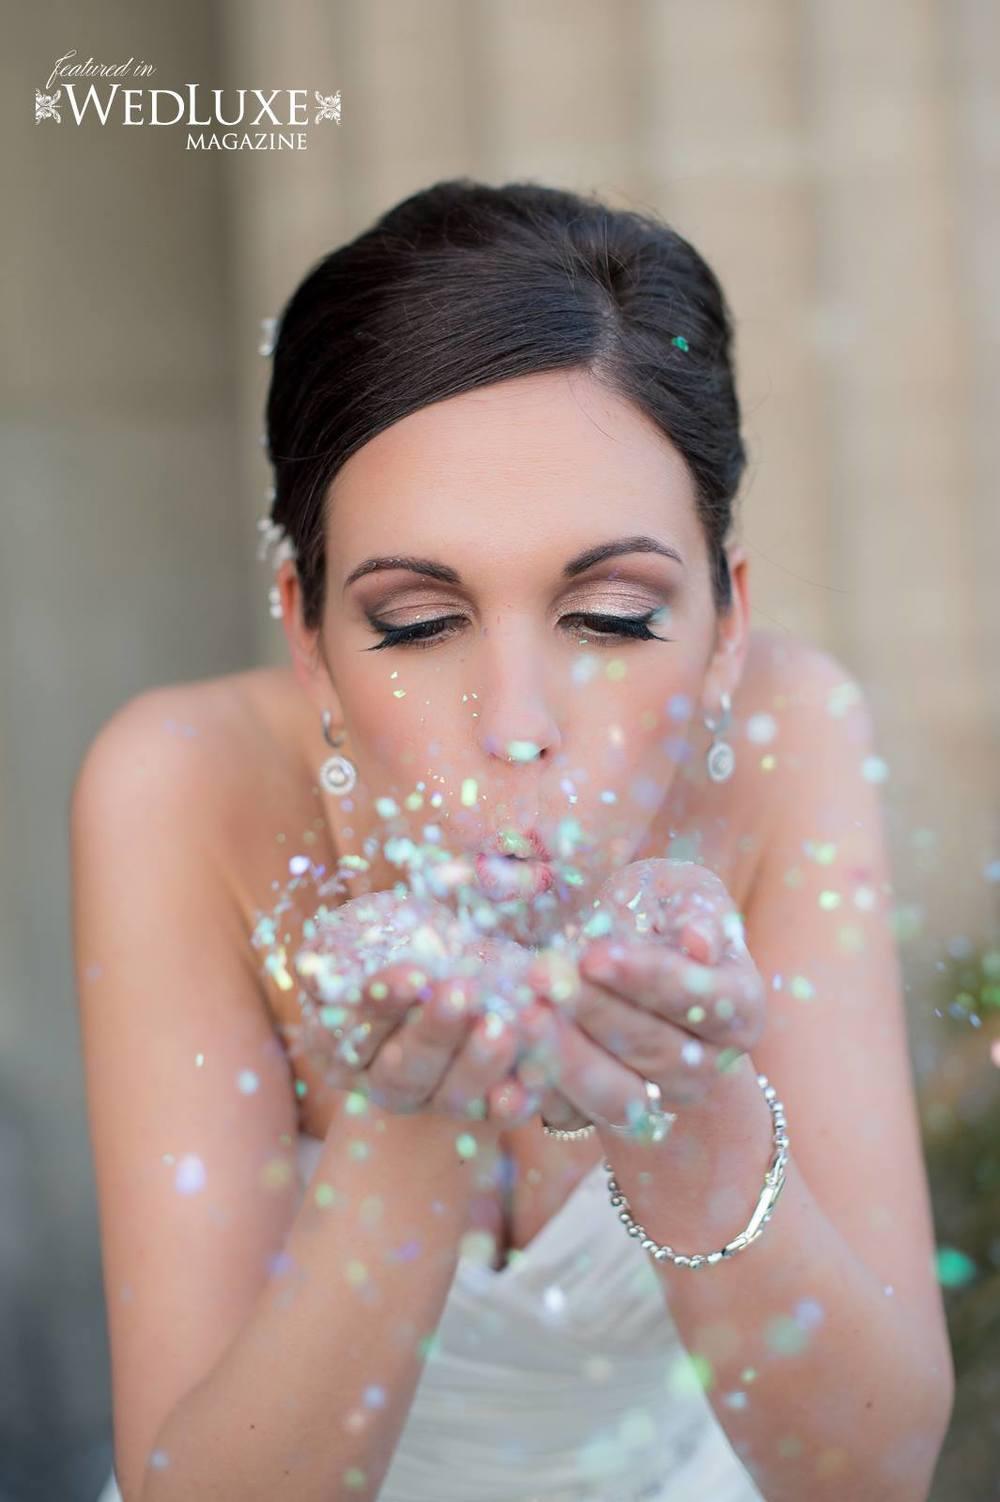 Photo by Luxury Elite Member Krista Fox. AS SEEN IN WEDLUXE